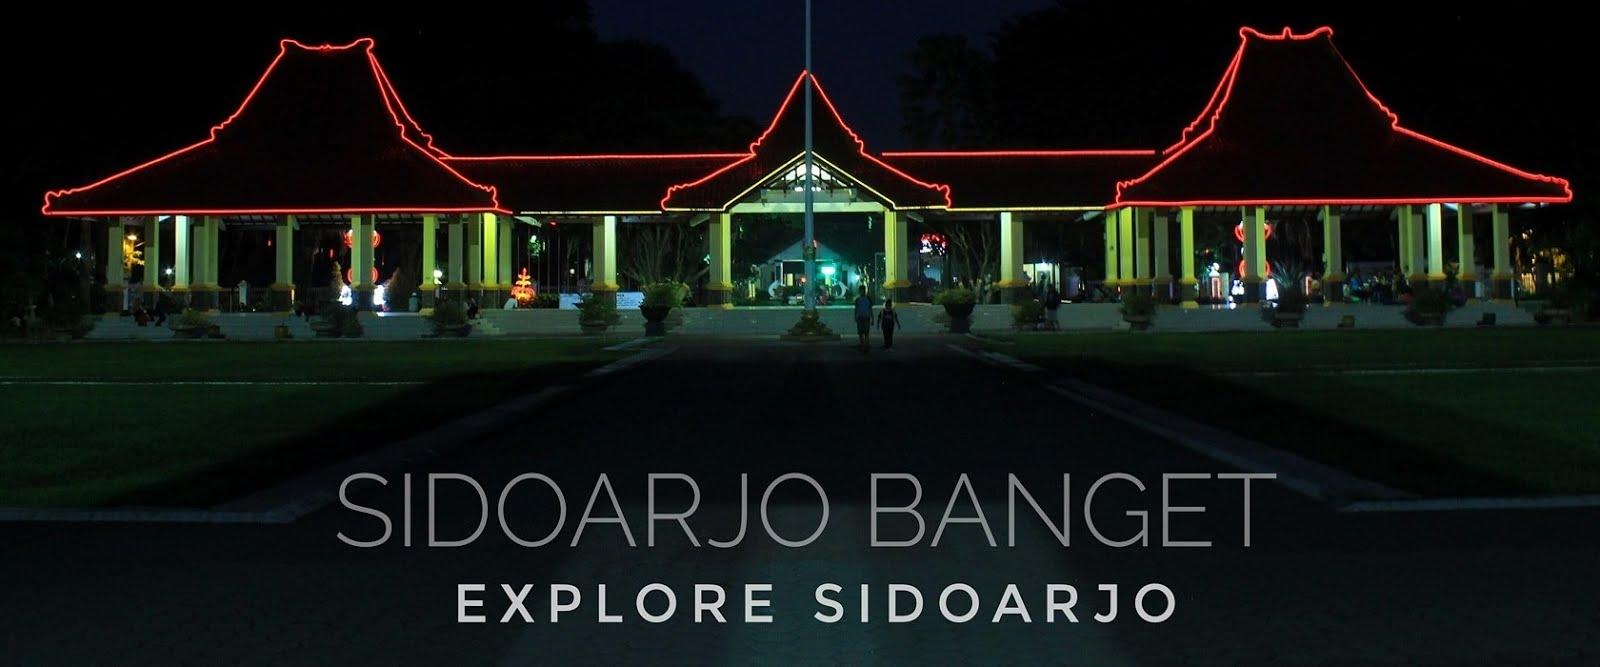 SIDOARJO BANGET - EXPLORE SIDOARJO